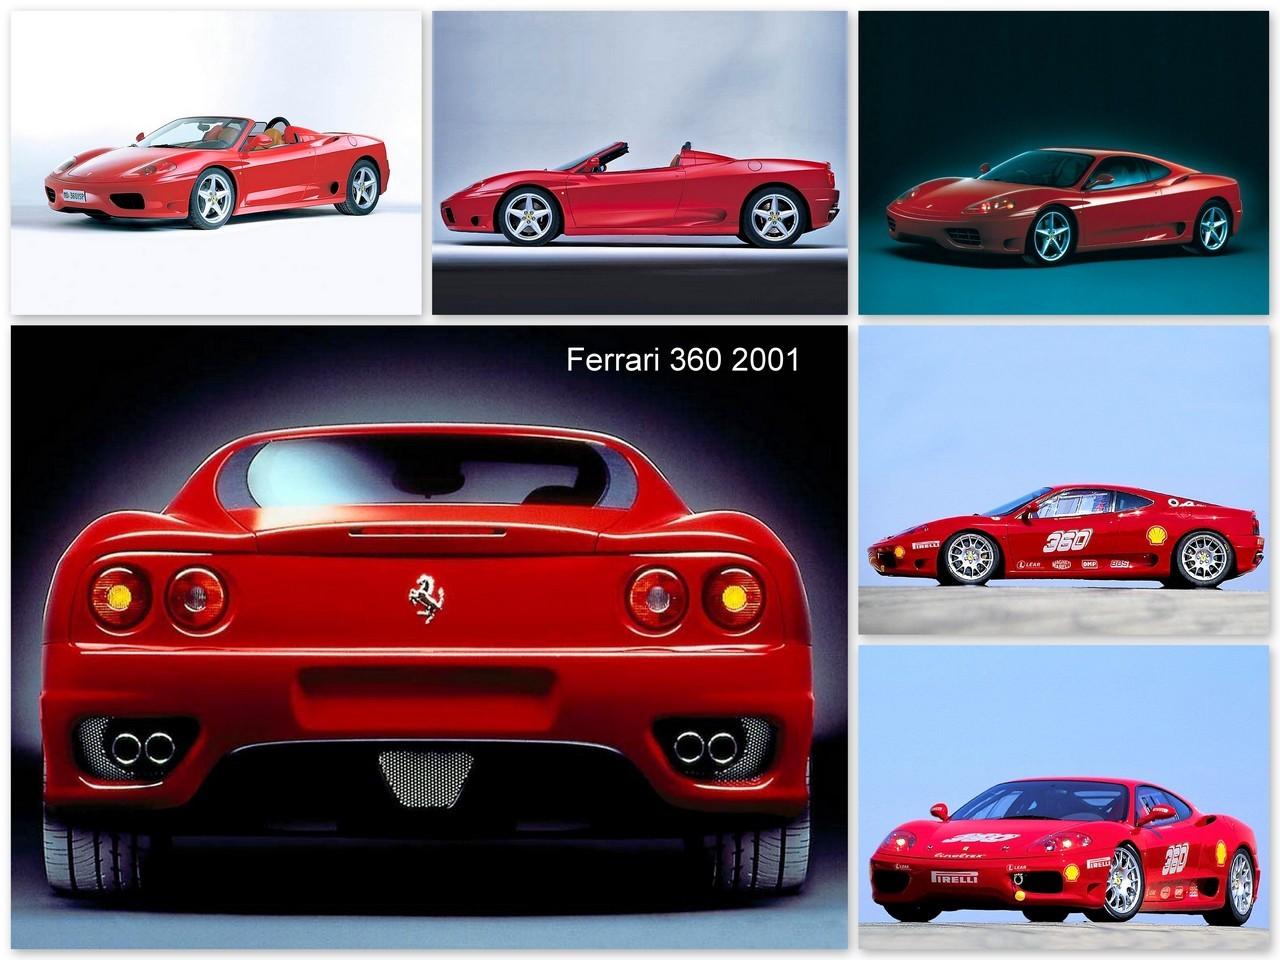 Ferrari 360 2001